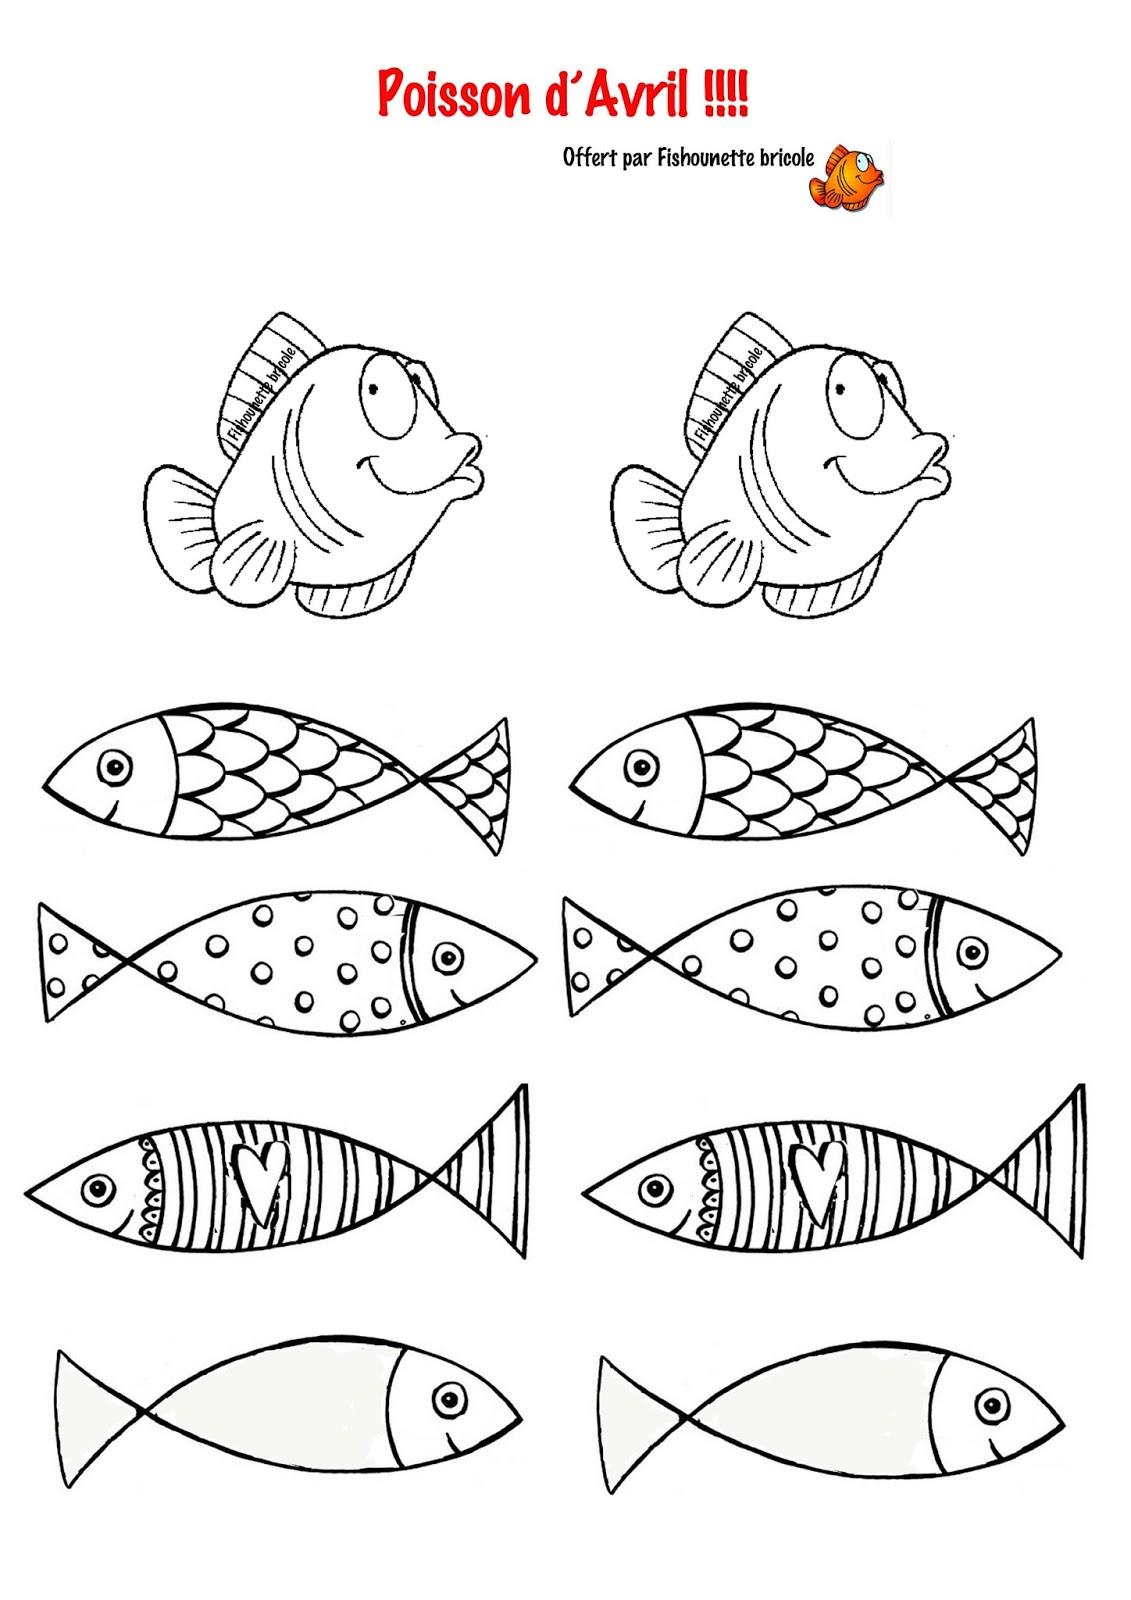 Les Diy De Fishounette Poissons D Avril à Imprimer